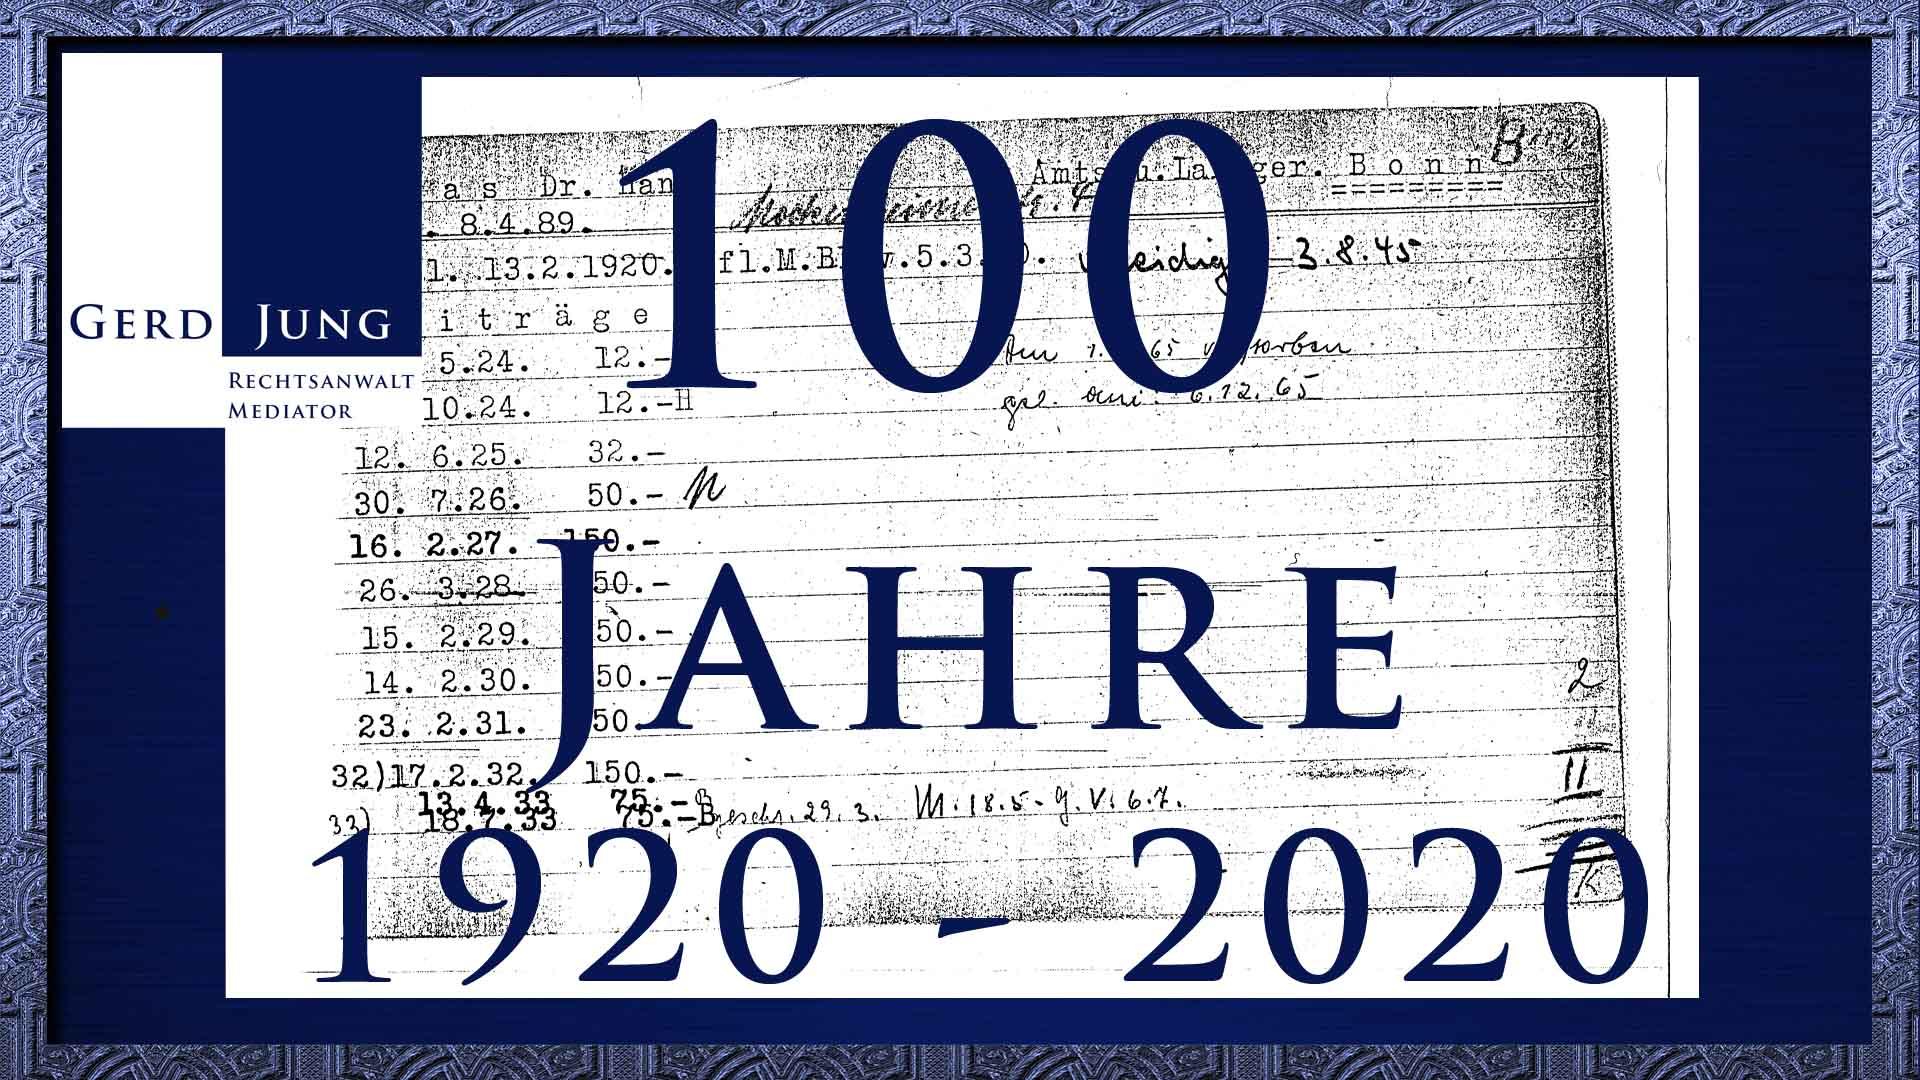 100 Jahre Kanzlei Gerd Jung